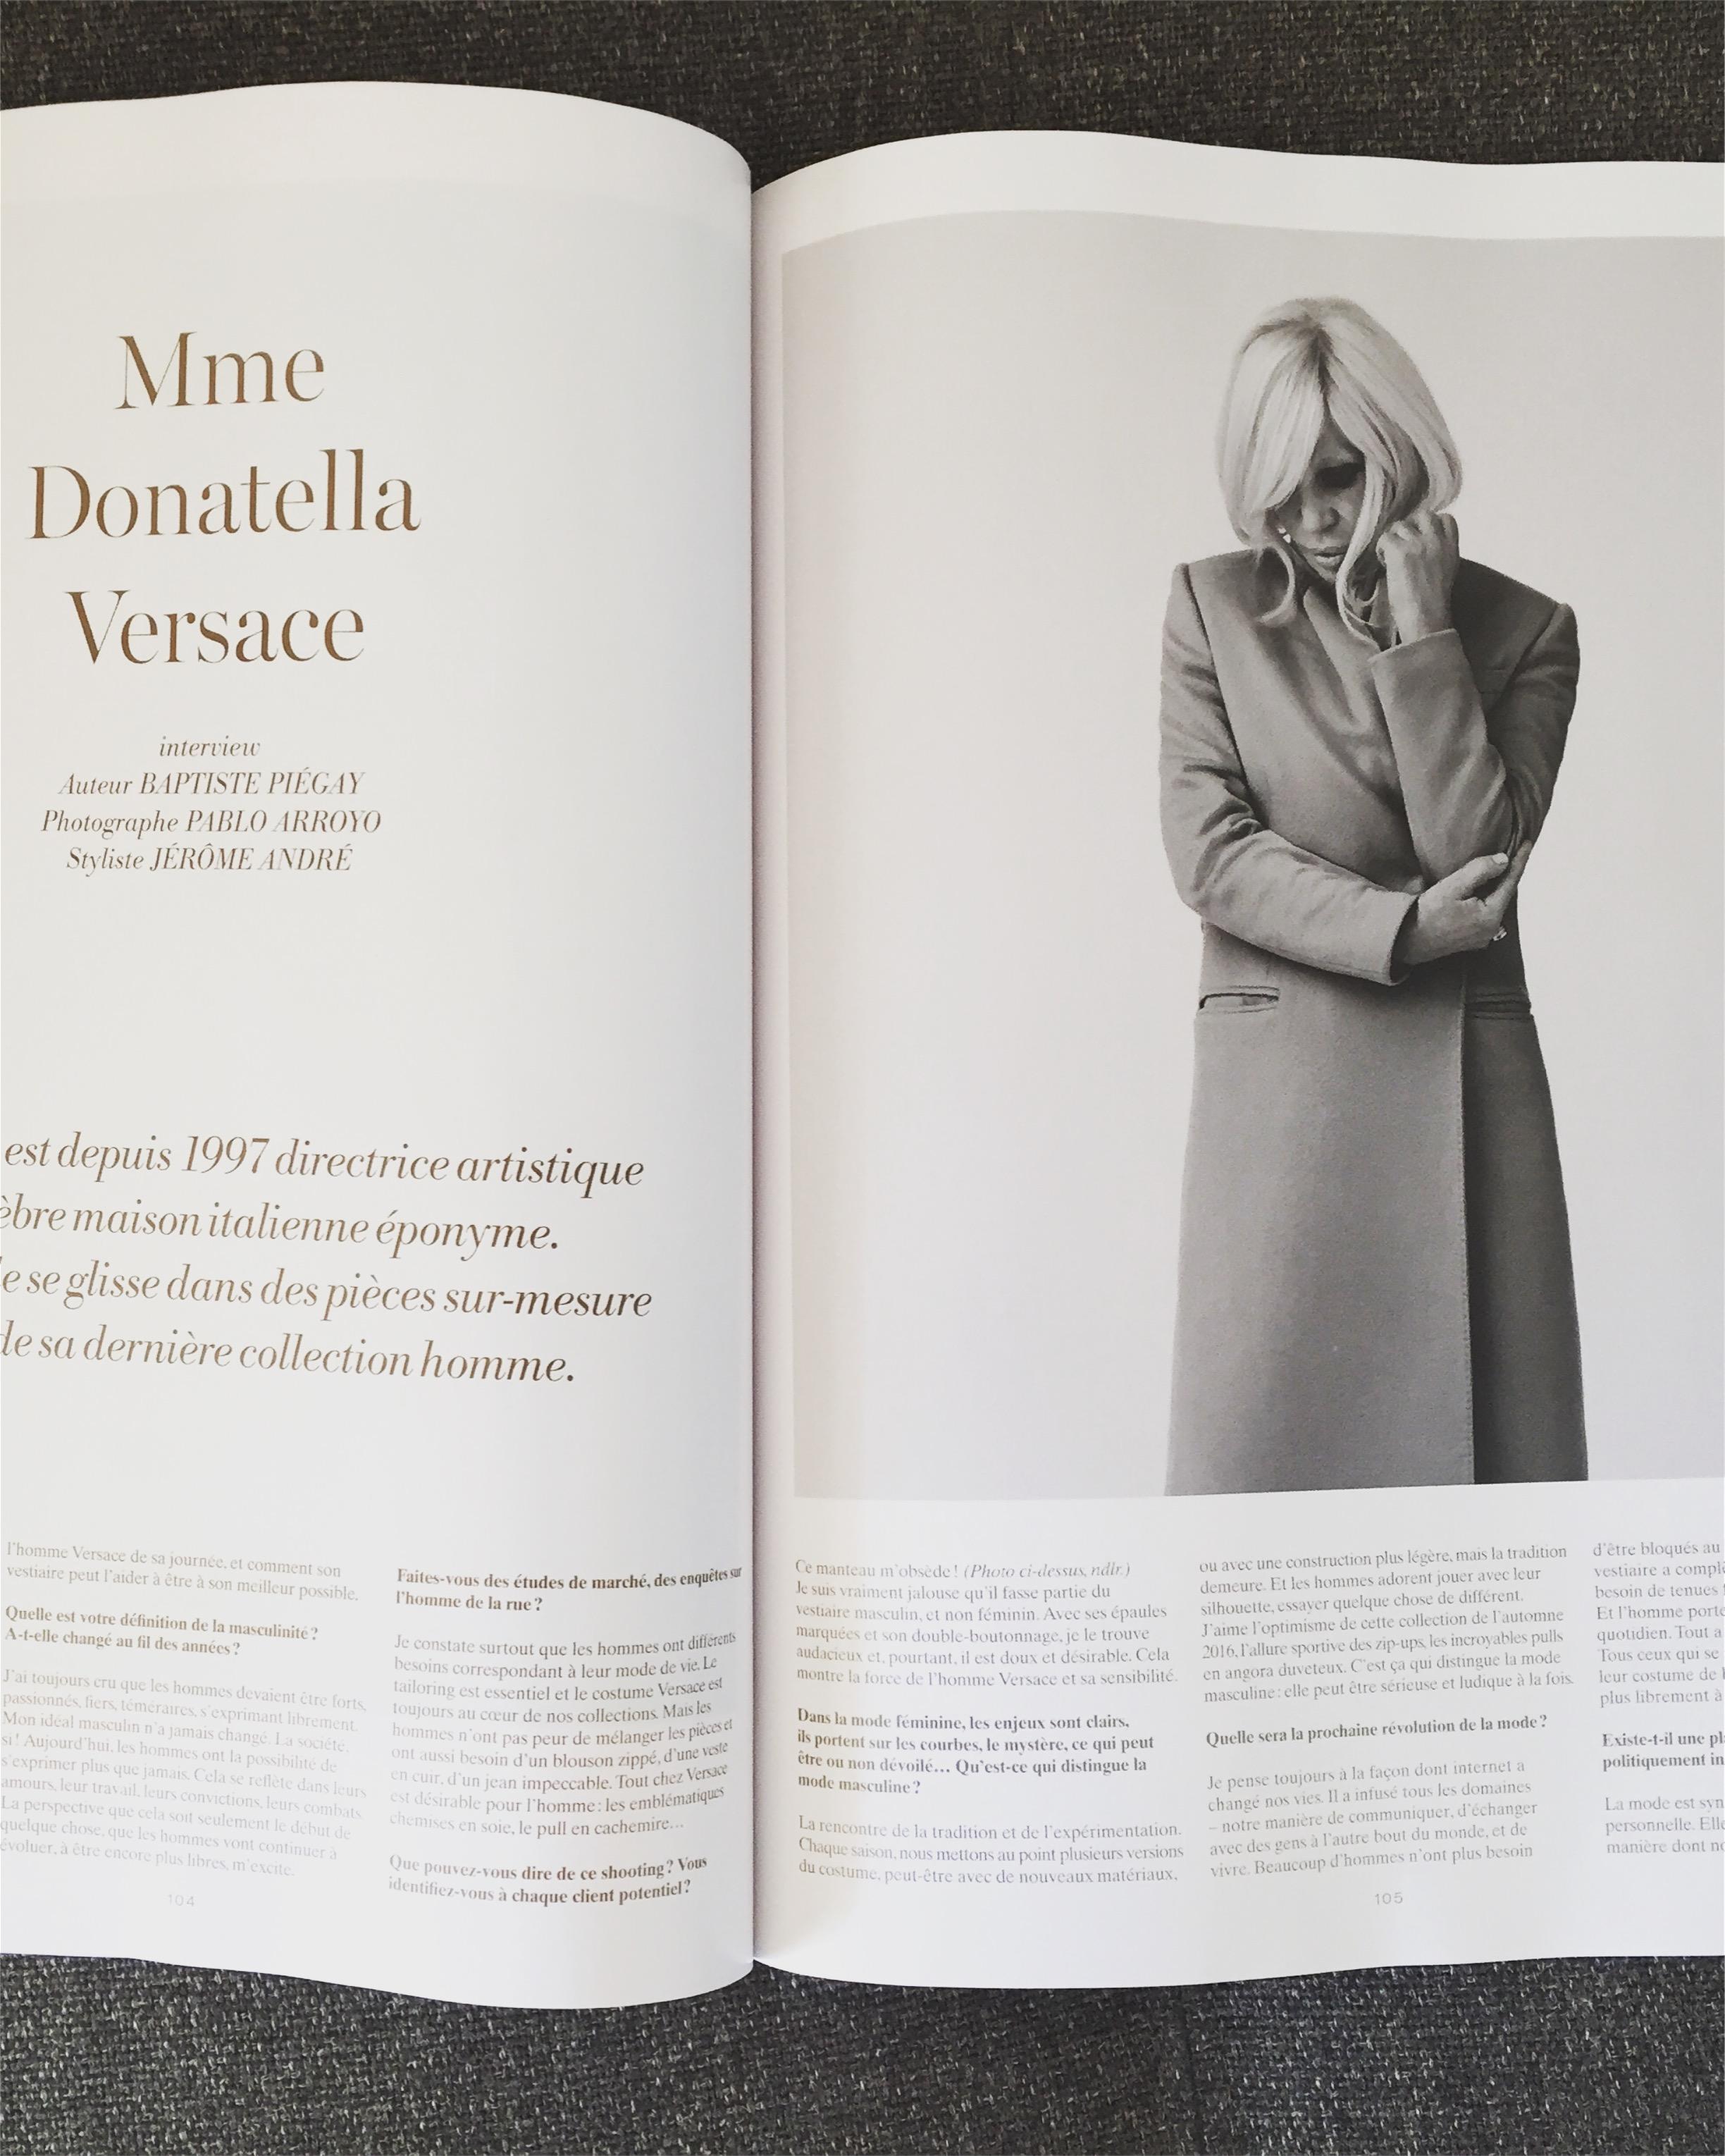 ©Pablo Arroyo - L'Officiel Hommes - Donatella Versace